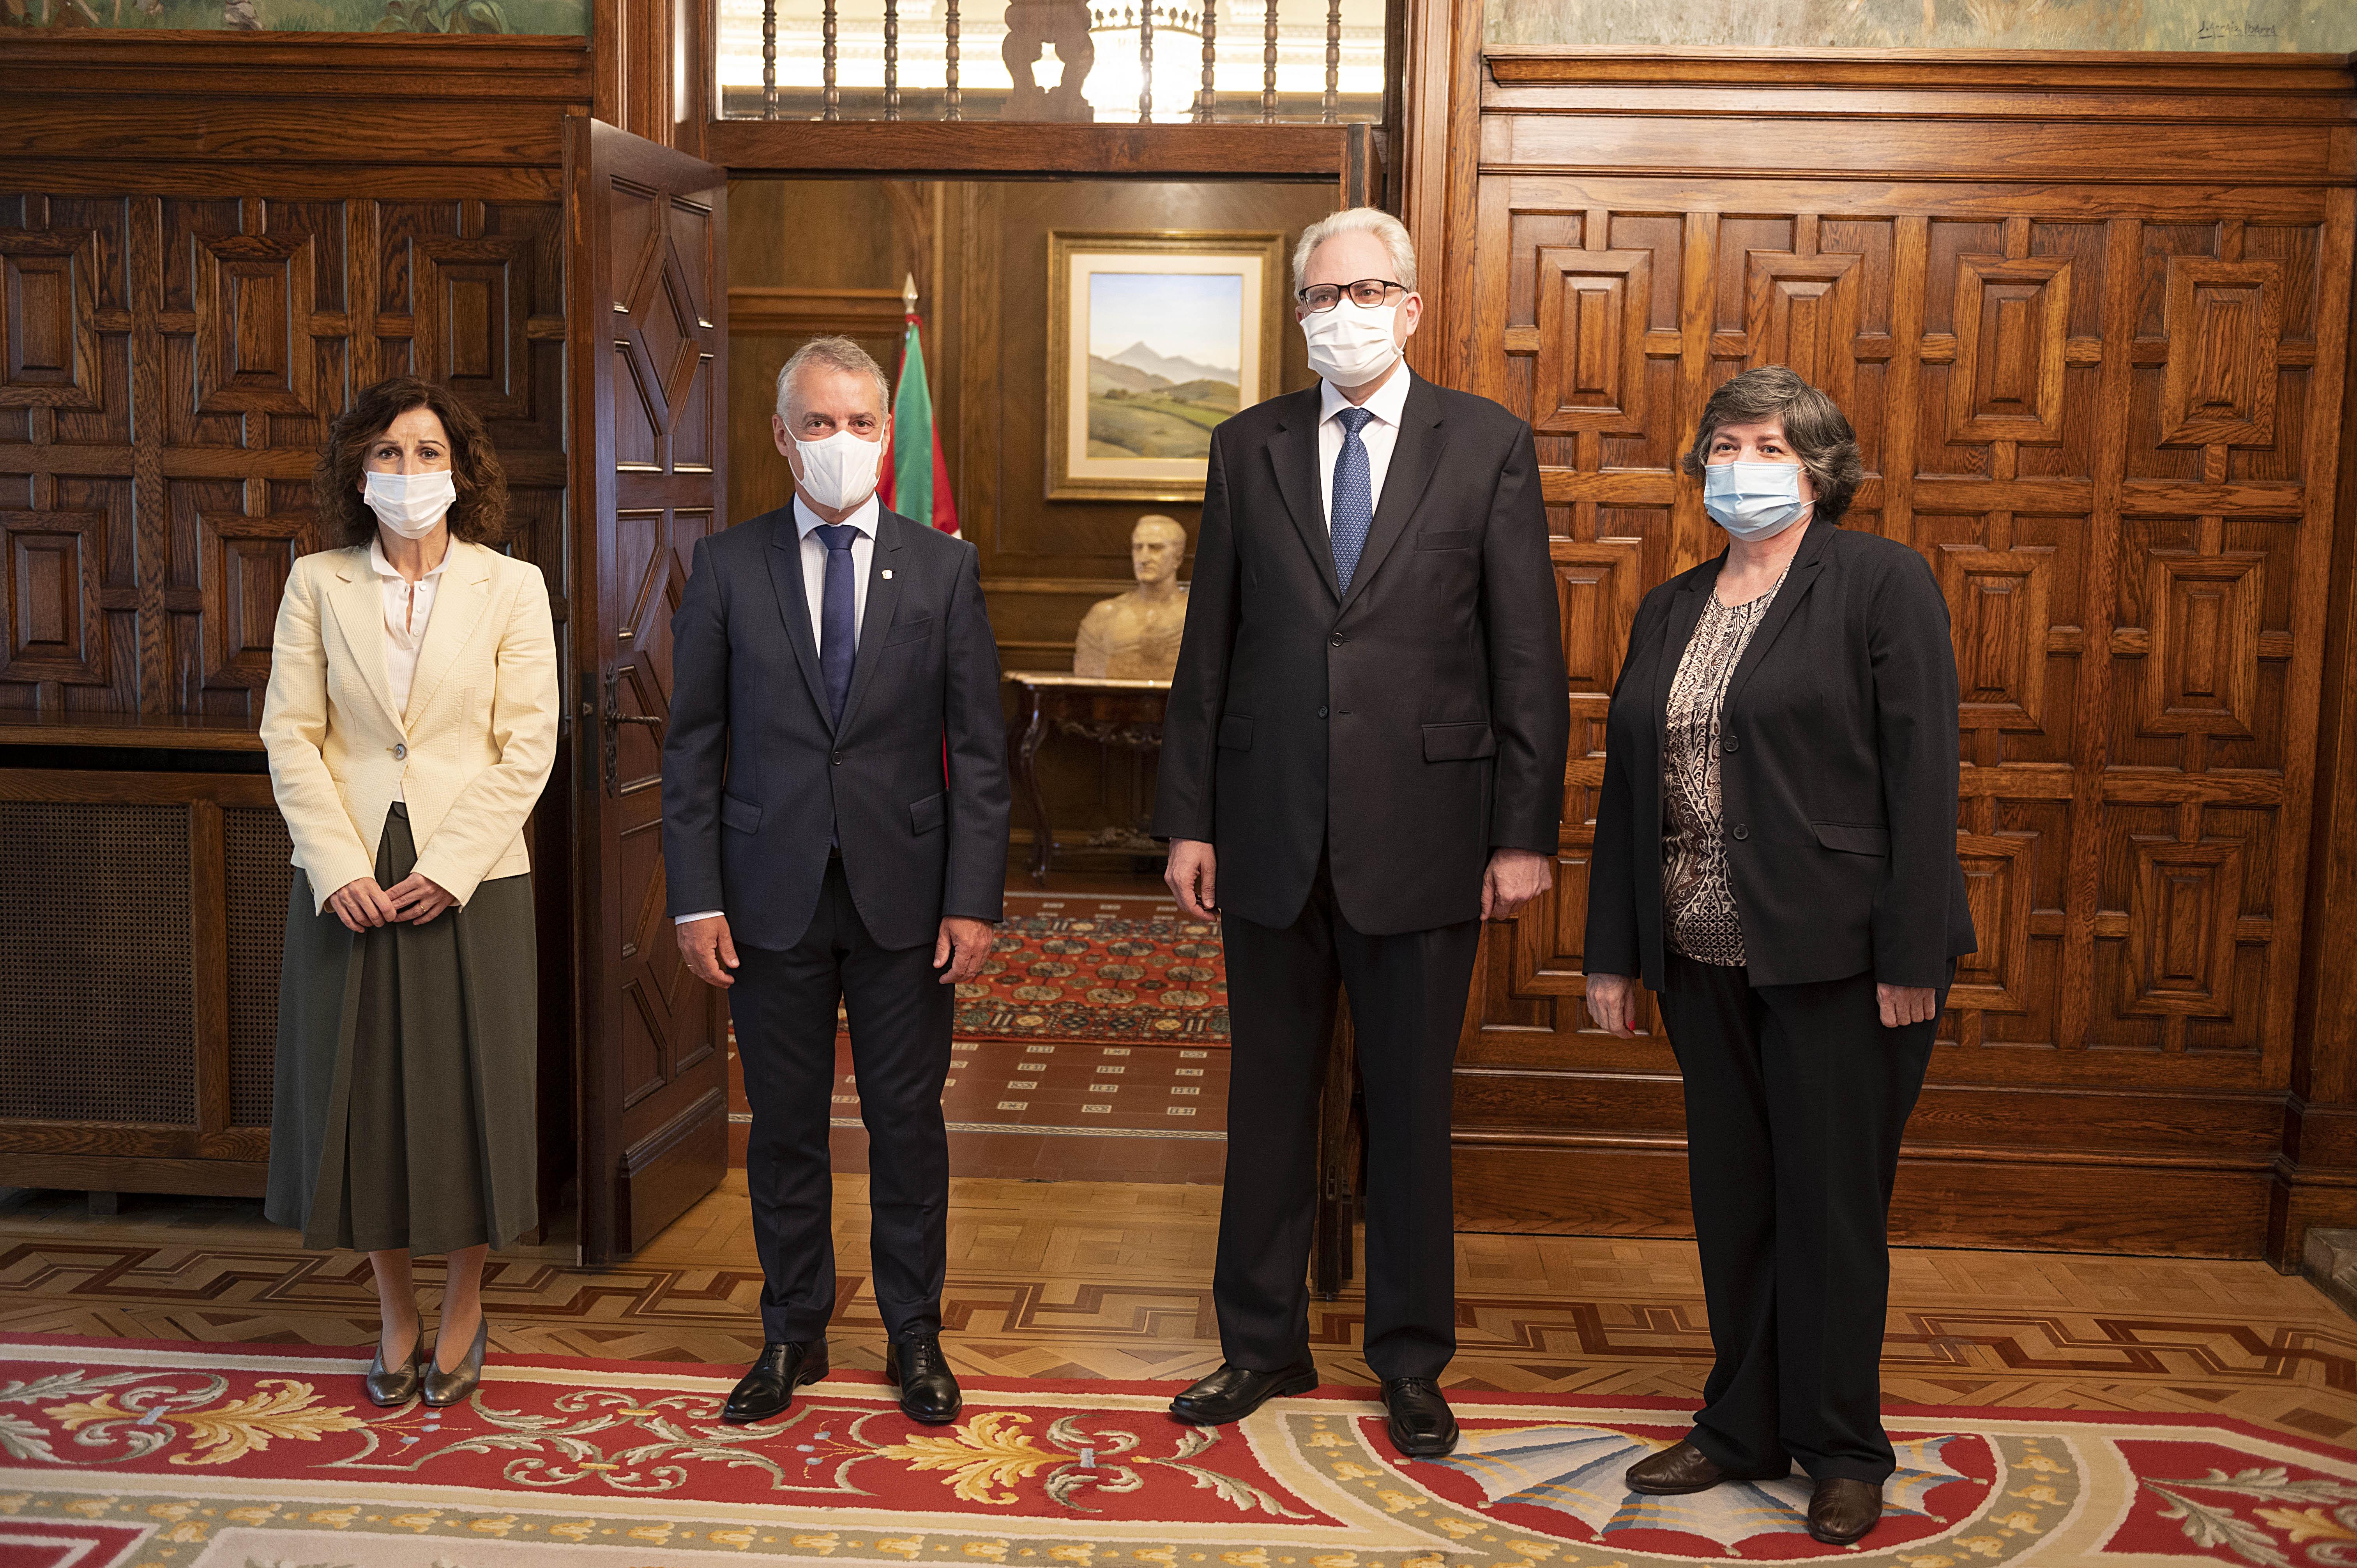 2021_07_29_embajador_paraguay_03.jpg